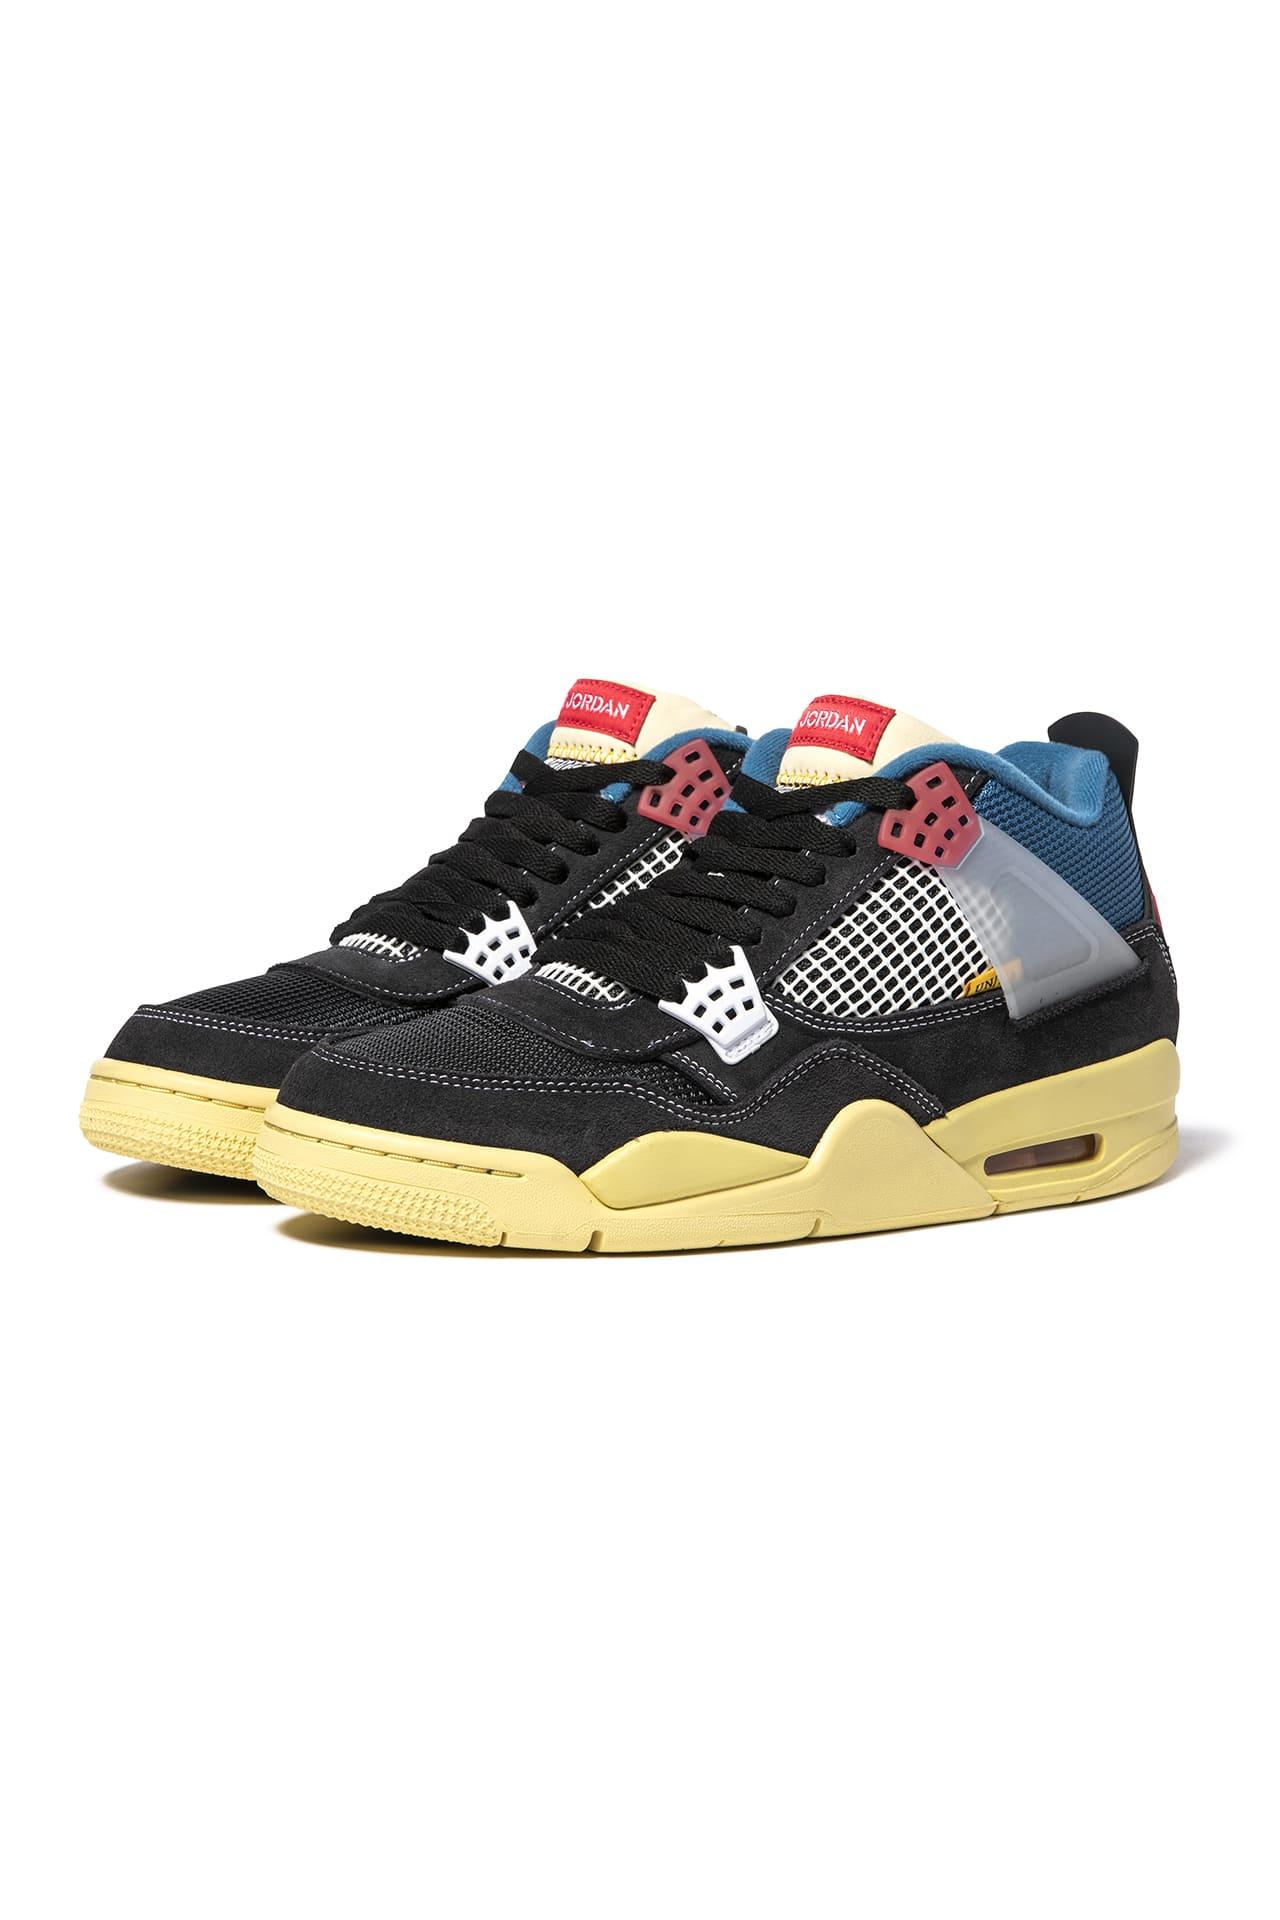 メンズ靴, スニーカー UNION AIR JORDAN 4 RETRO SP OFF-NOIR 4